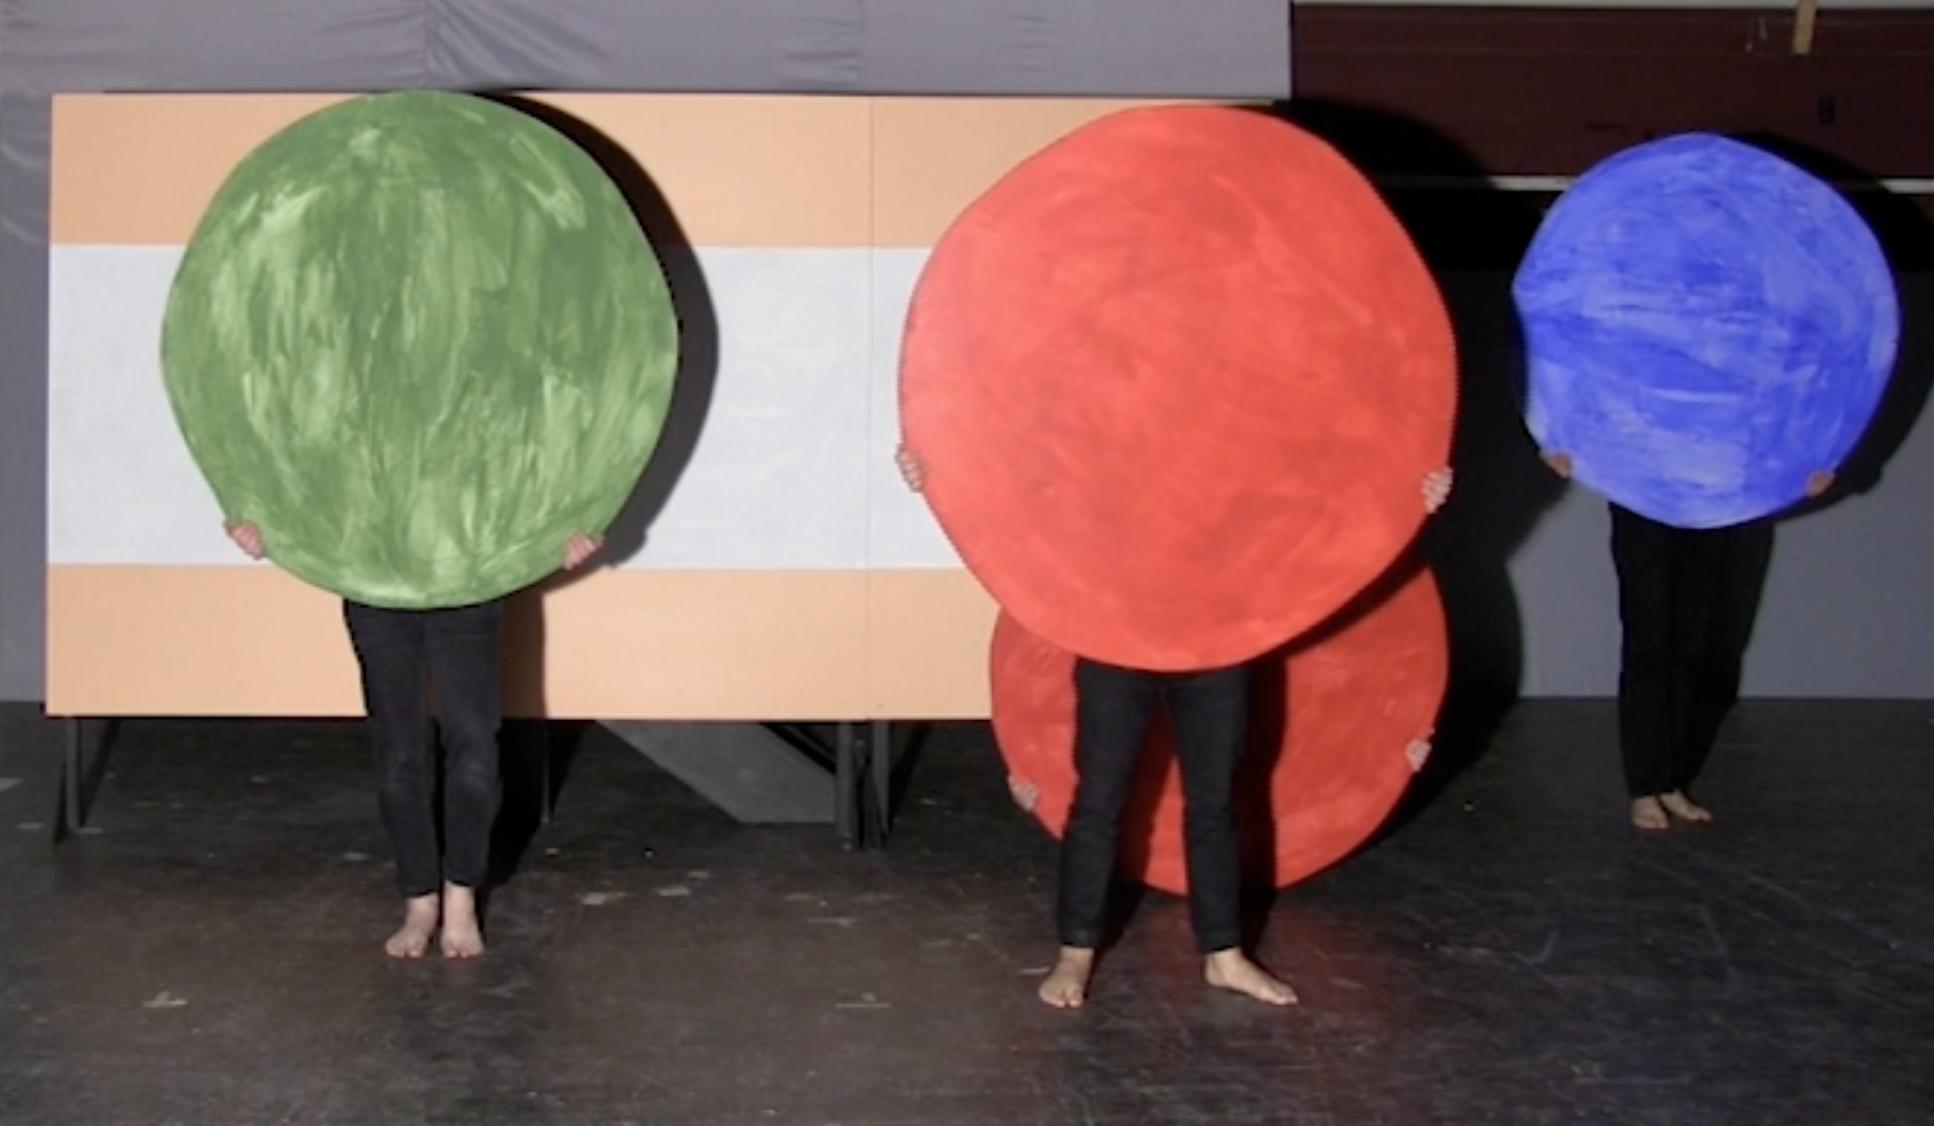 Stills from Video